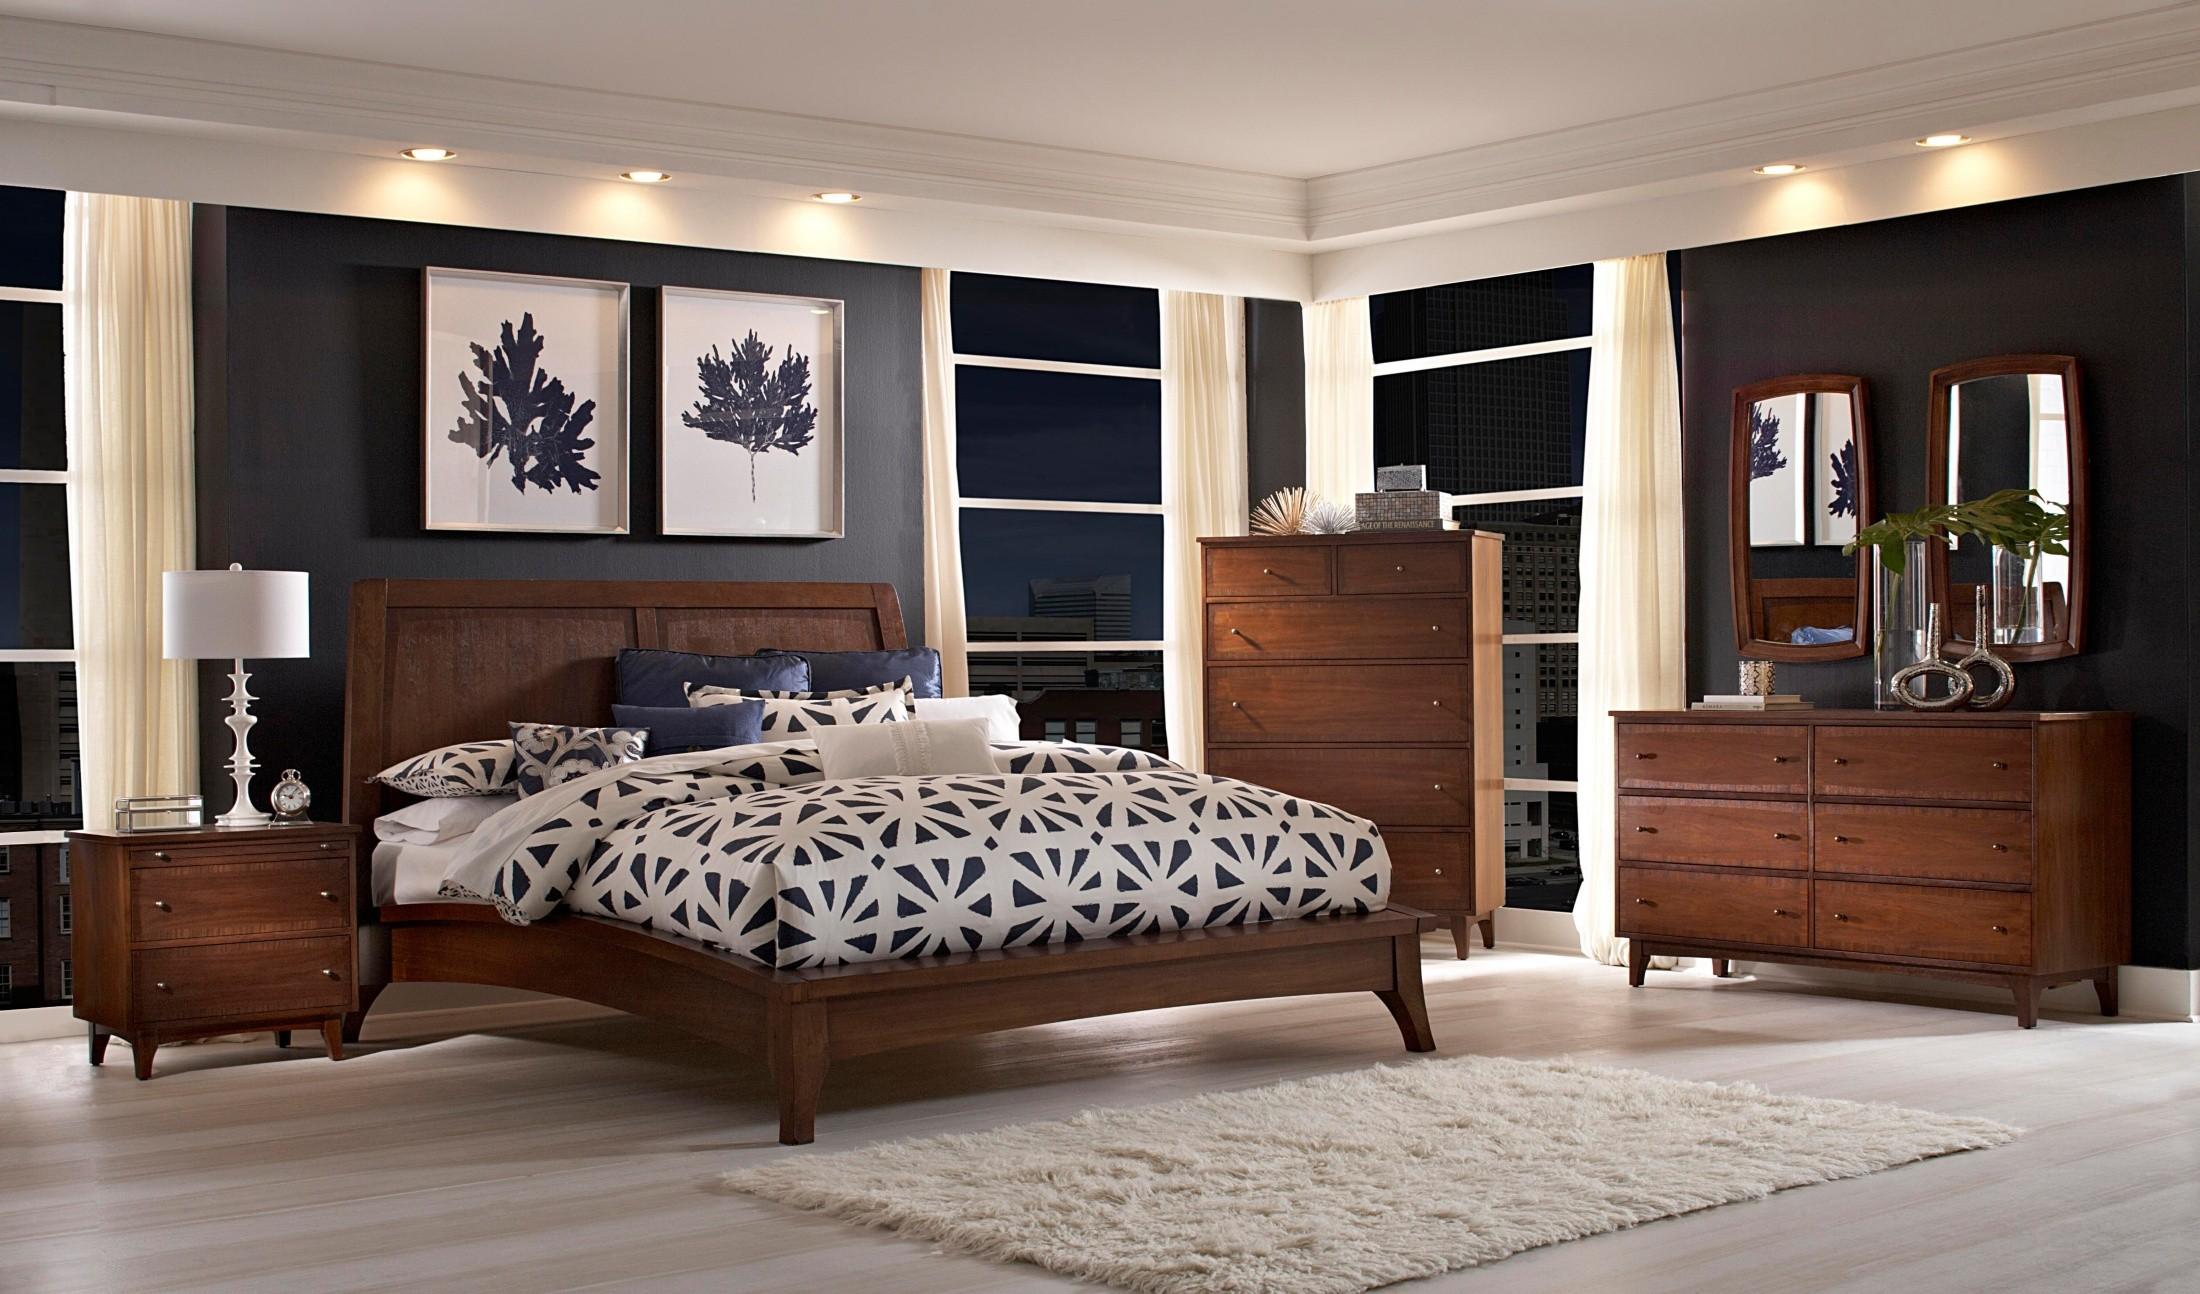 Mardella Platform Bedroom Set from Broyhill 4277 260 261